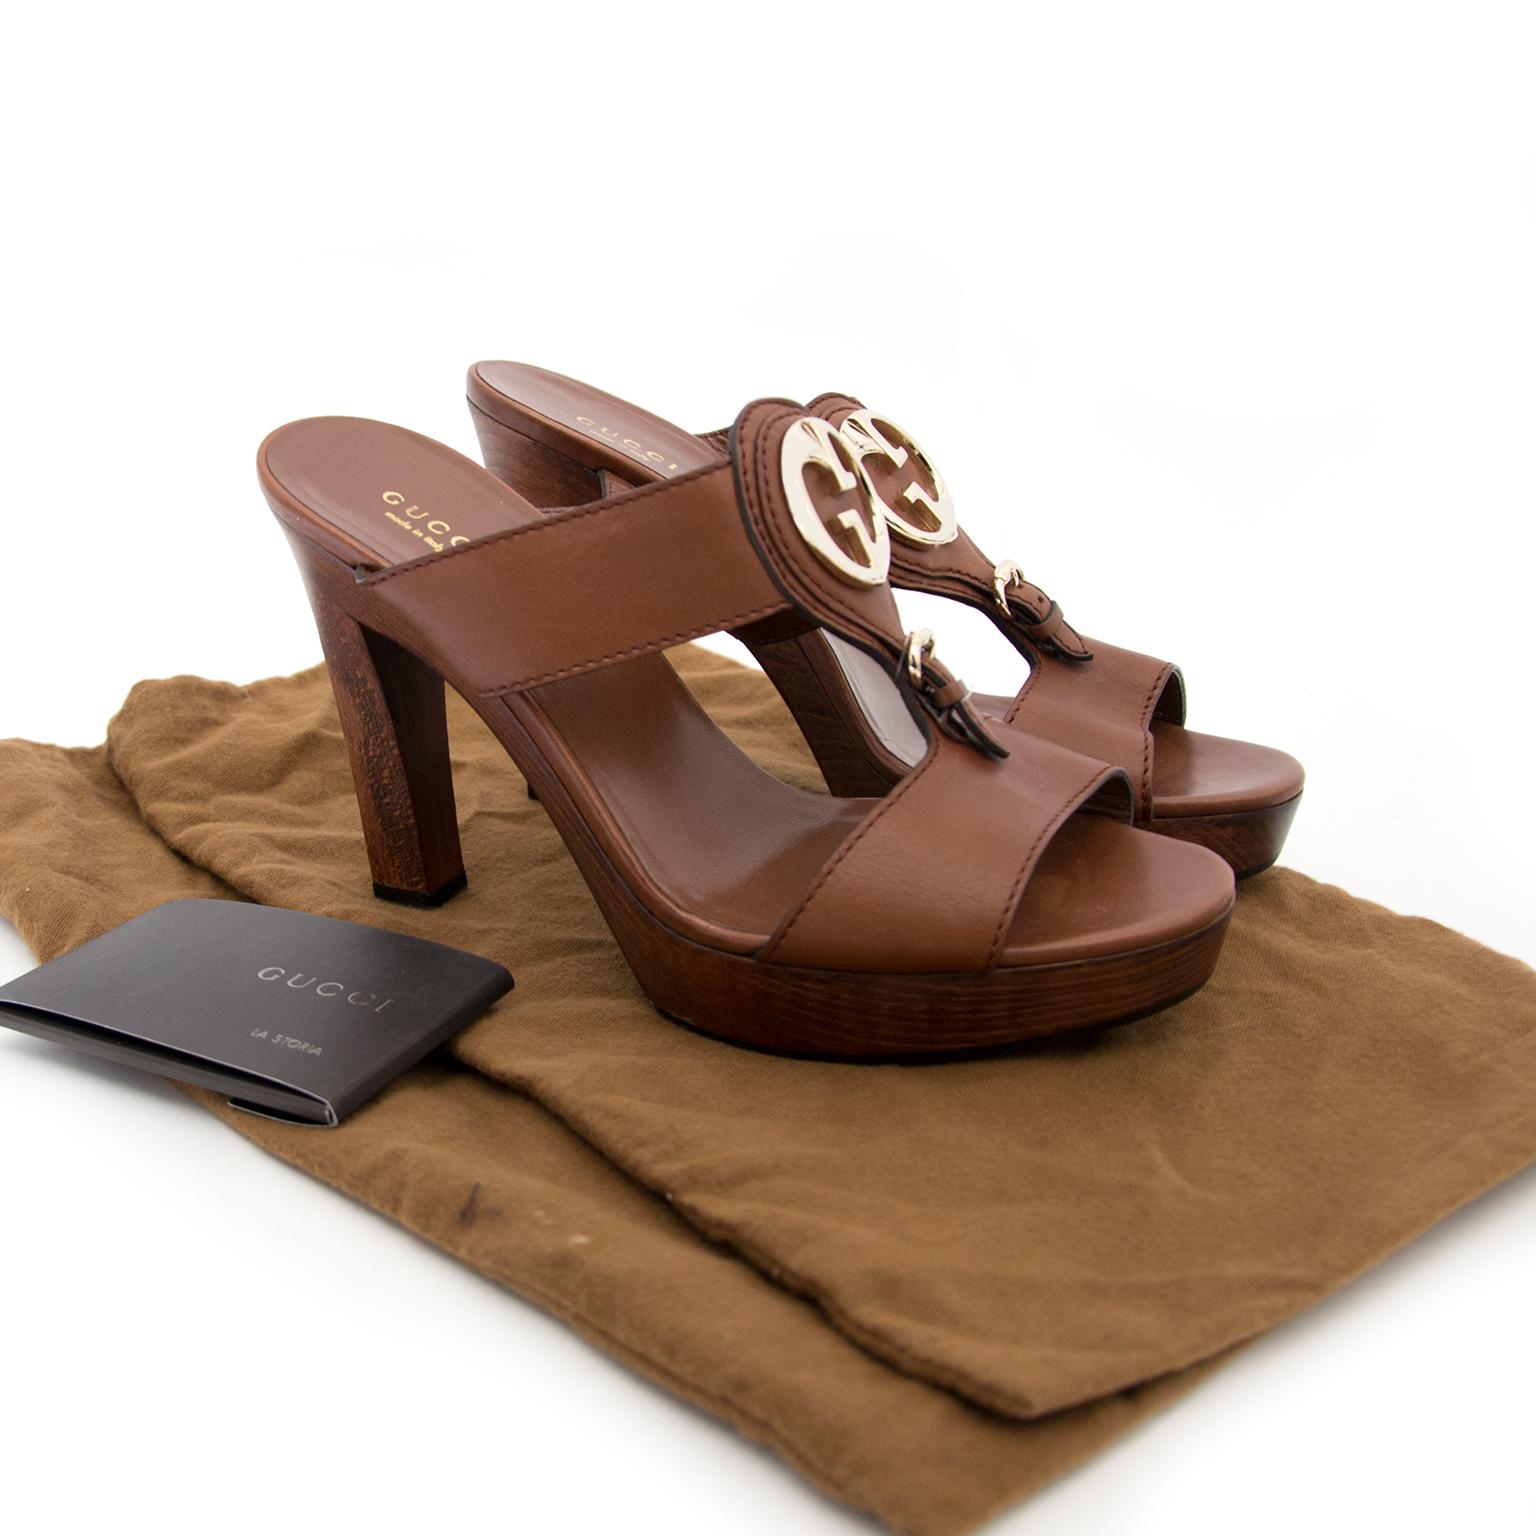 Acheter des Gucci Brown Wood Heels size 39,5 en ligne chez Labellov